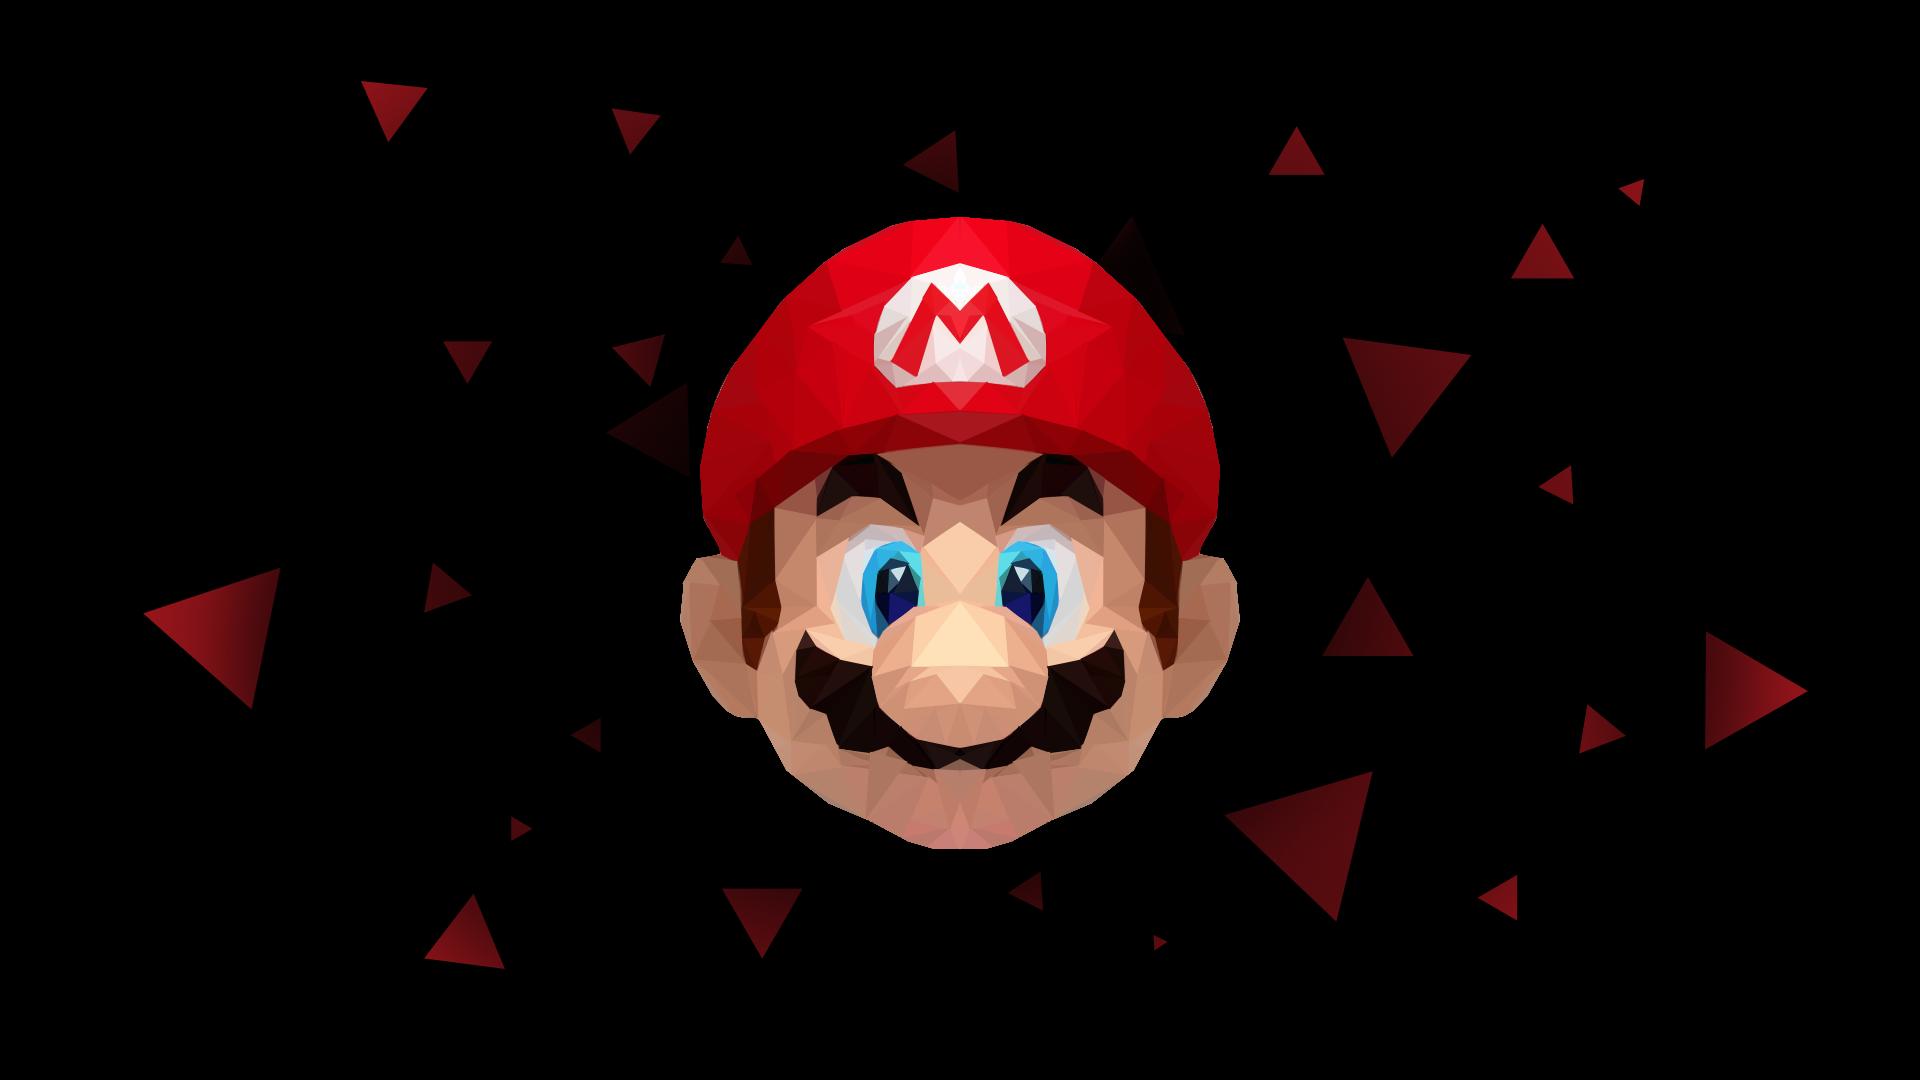 LowPoly Mario Wallpaper (1920x1080) Wallpaper, Mario